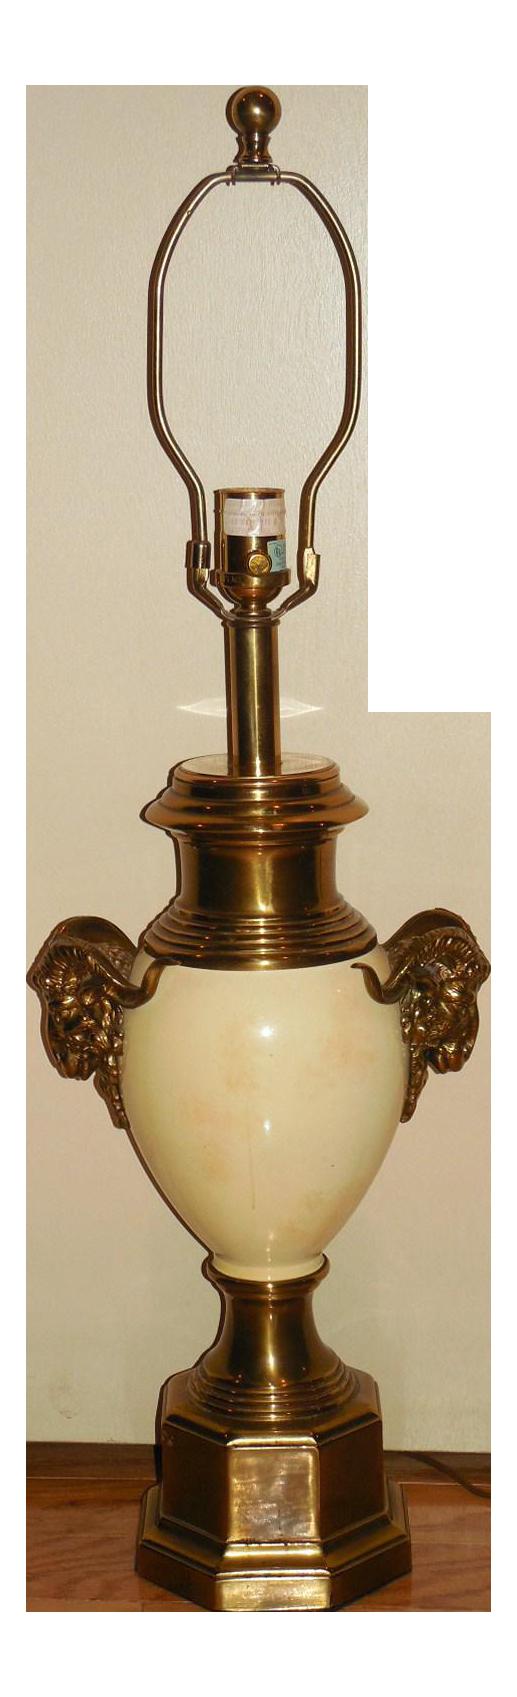 Ethan Allen Regency Style Ramu0026#39;s Head Lamp : Chairish